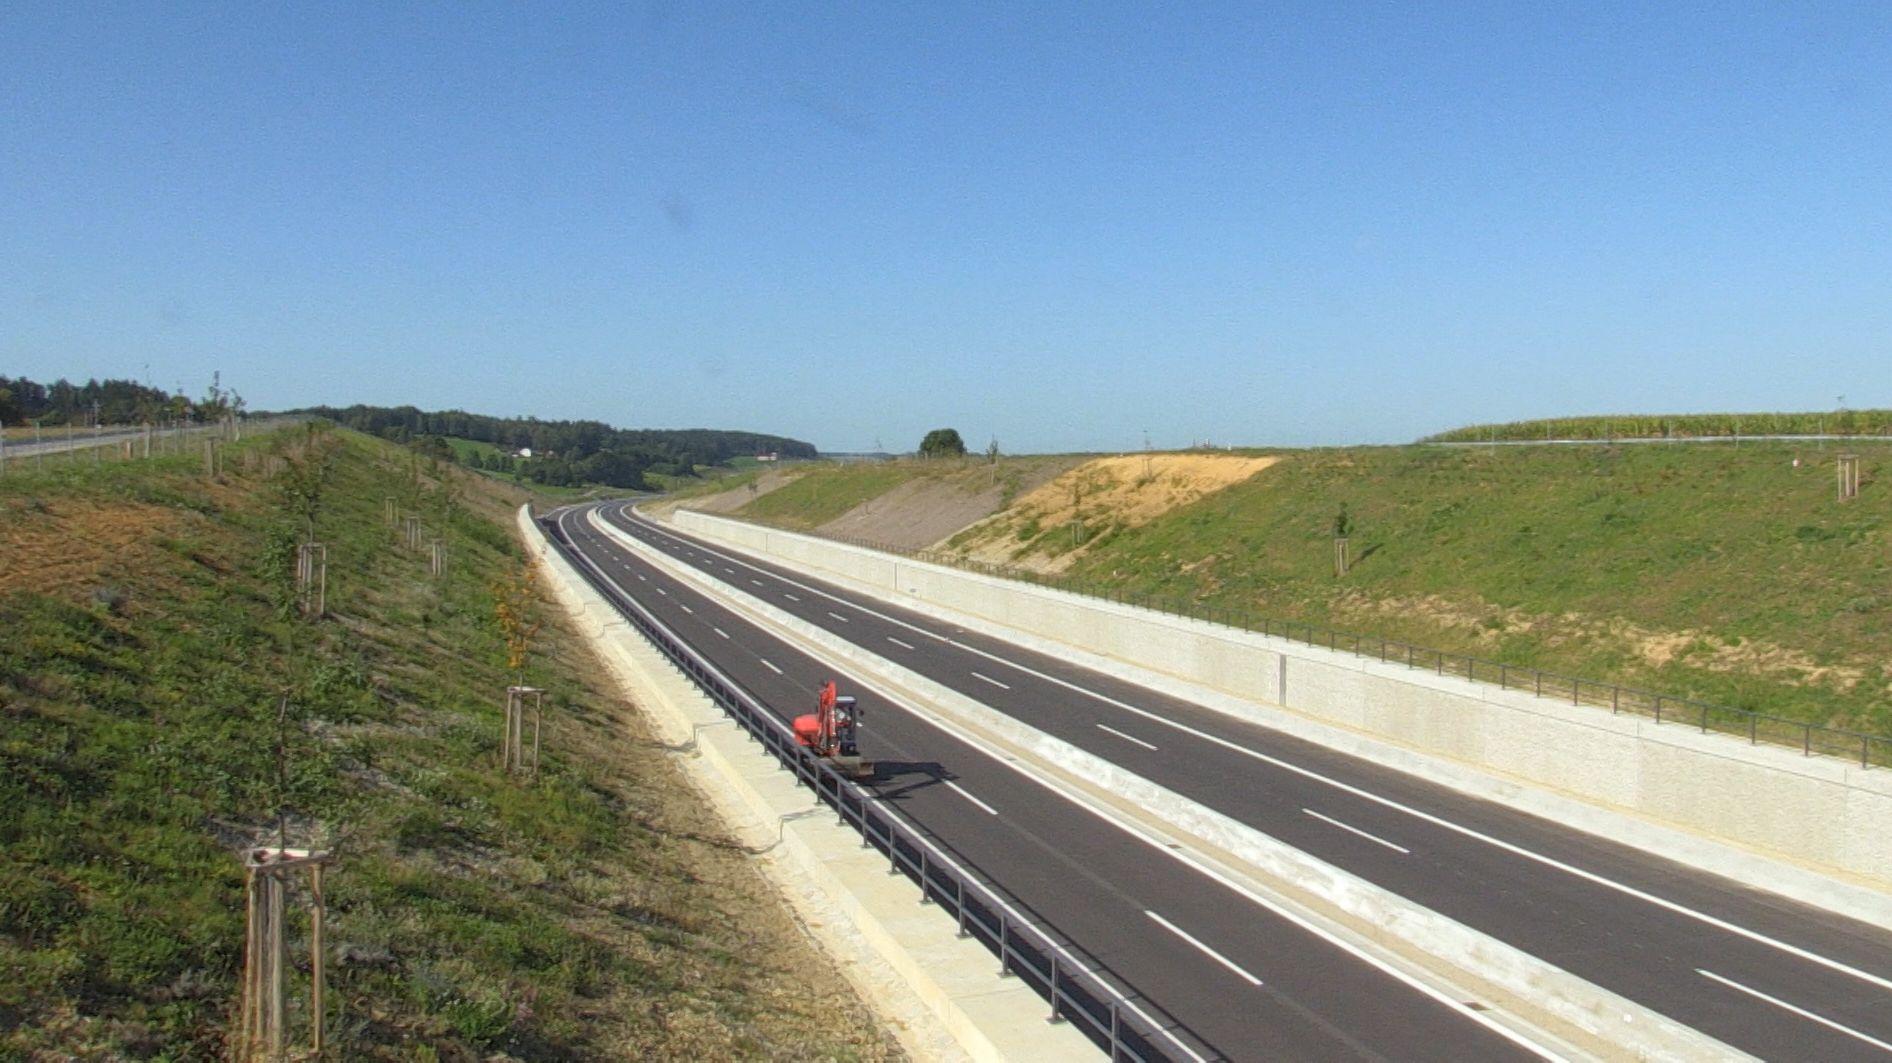 Die Isental-Autobahn ist Bayerns umstrittenste Straße: 33 Kilometer durch Naturschutzgebiet. Es gab Gerichtsverfahren und Demos.